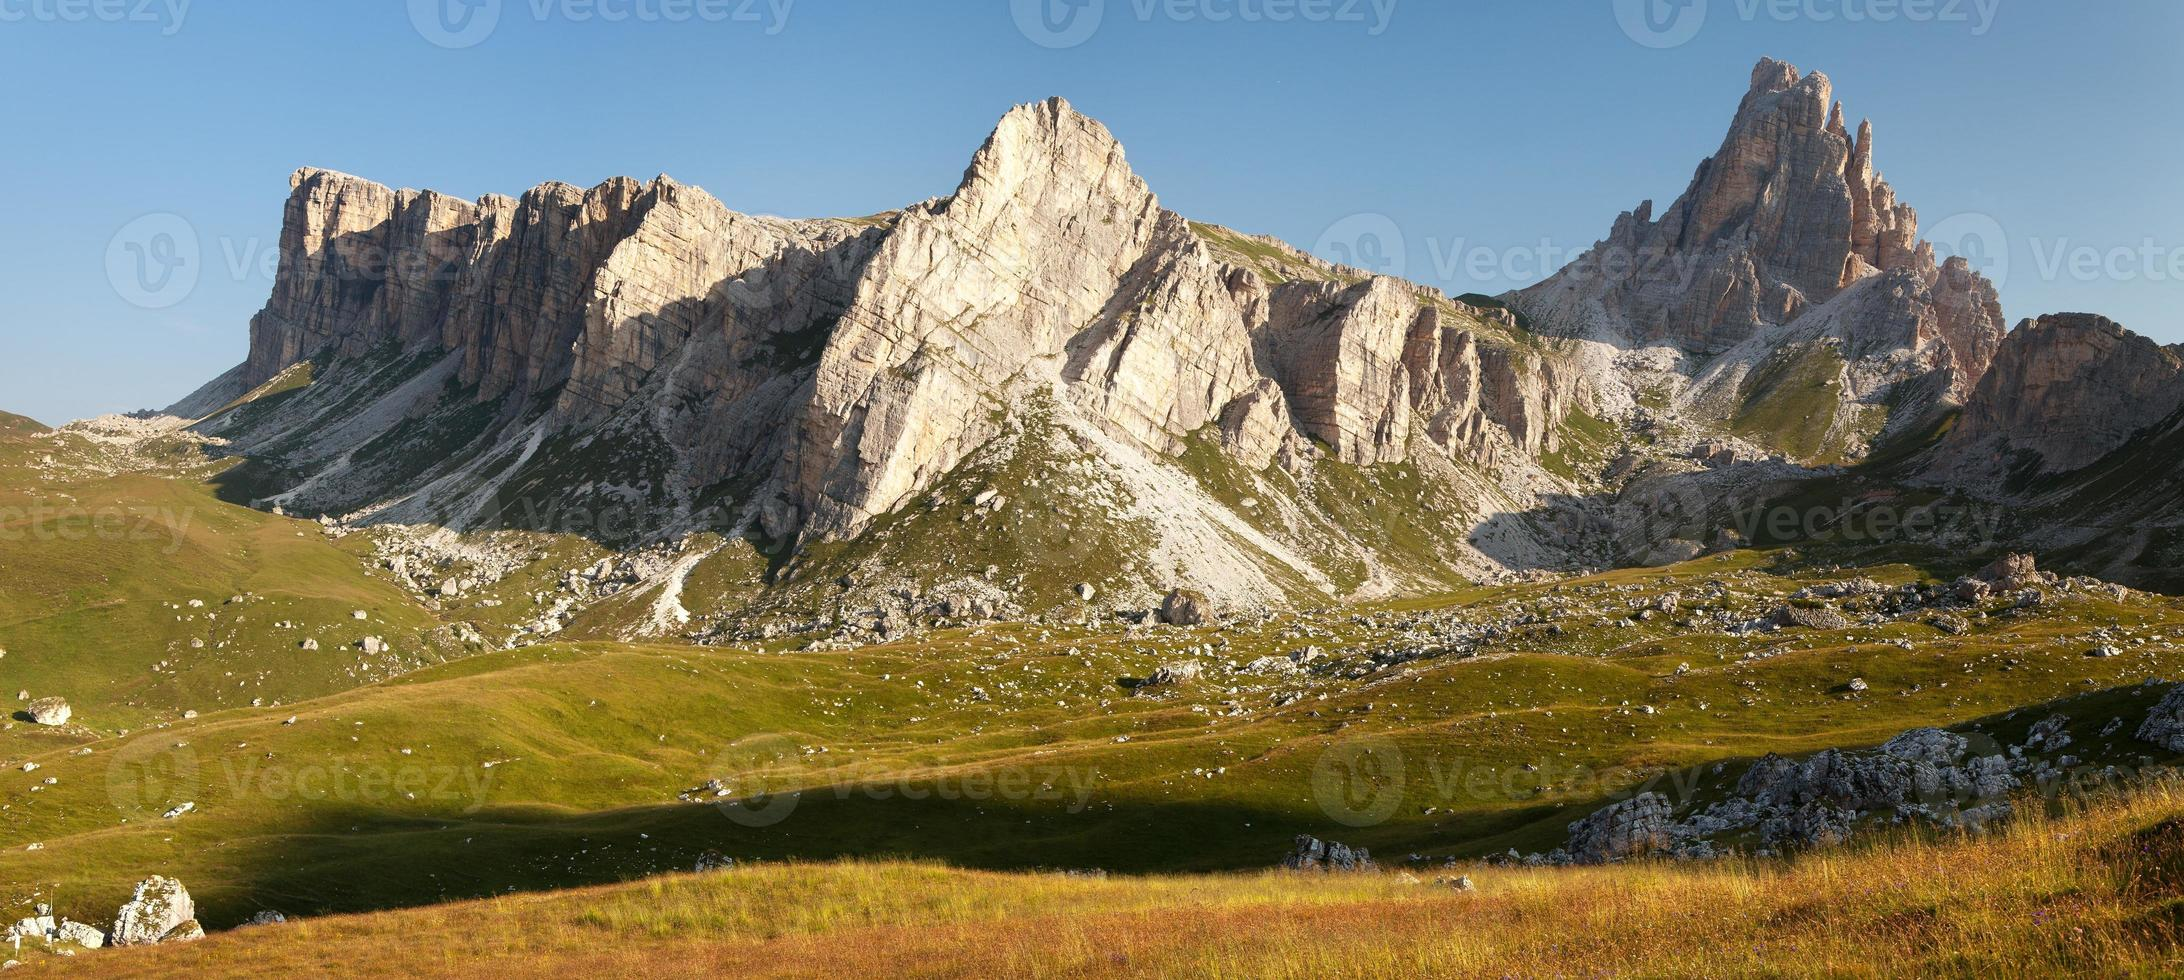 vue panoramique du mont croda da lago photo